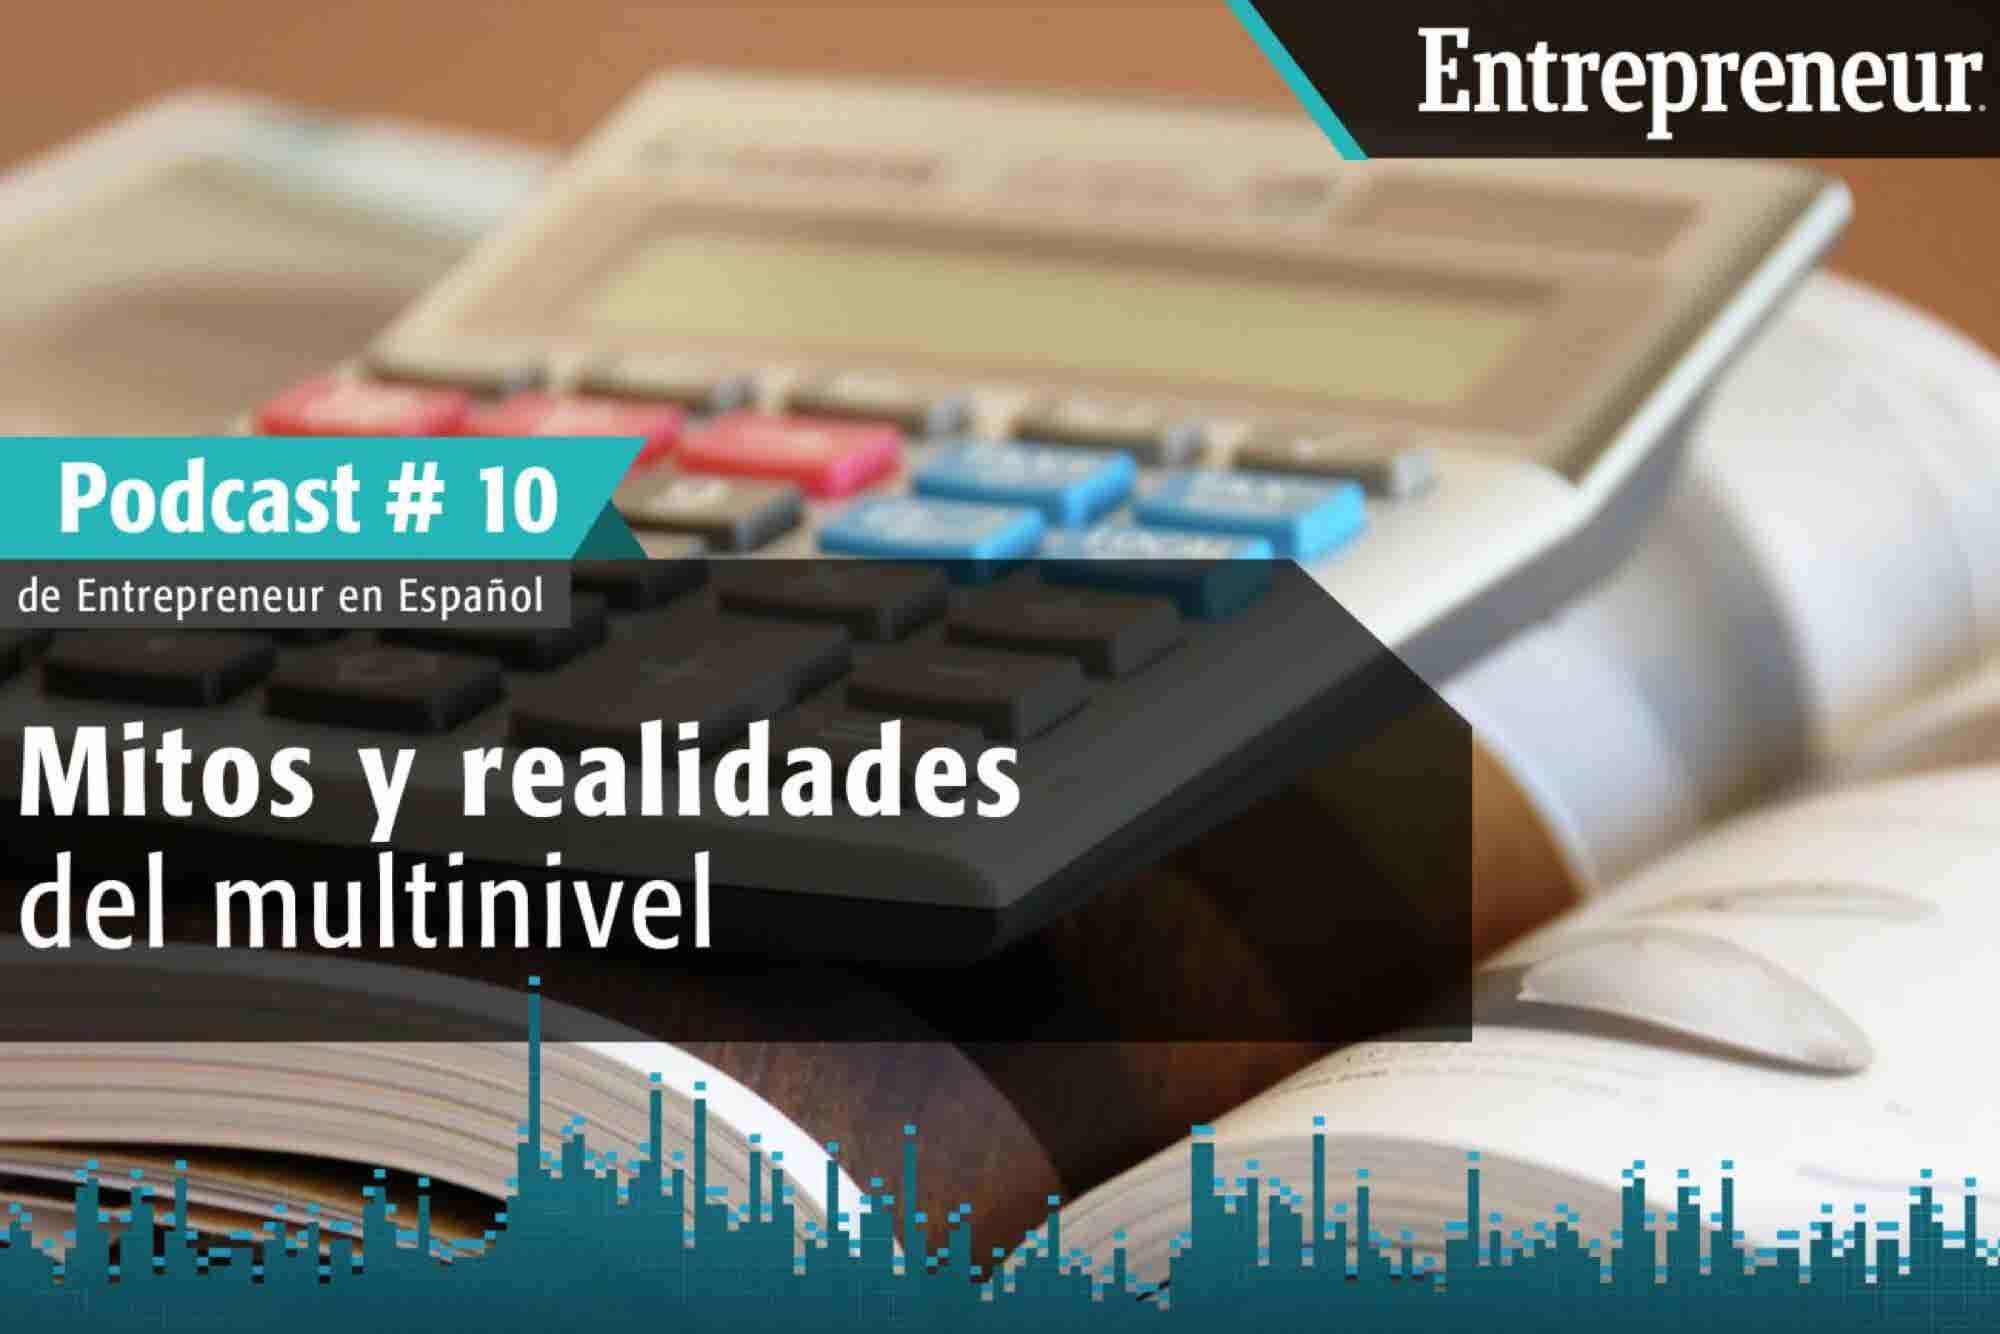 Podcast Entrepreneur #10: Mitos y realidades del multinivel